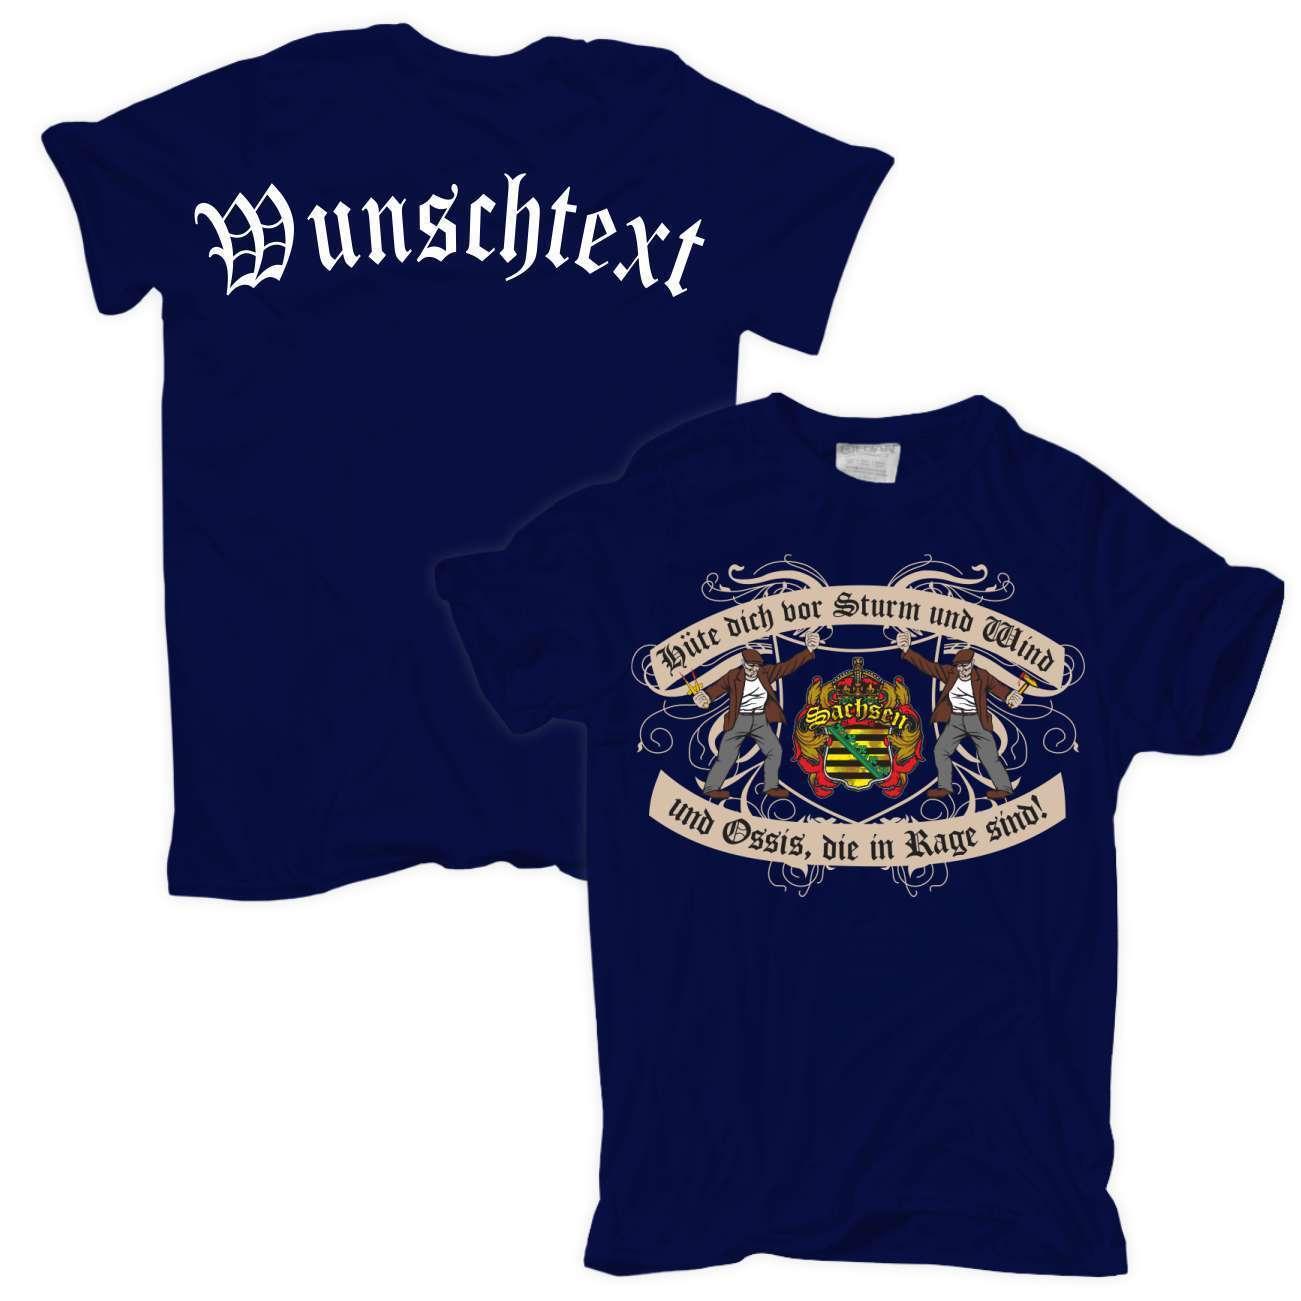 T-Shirt WUNSCHTEXT WUNSCHNAME individuell persönlicher Hüte dich Sachsen Sachsen Sachsen   Große Auswahl    Online Kaufen  bf2377